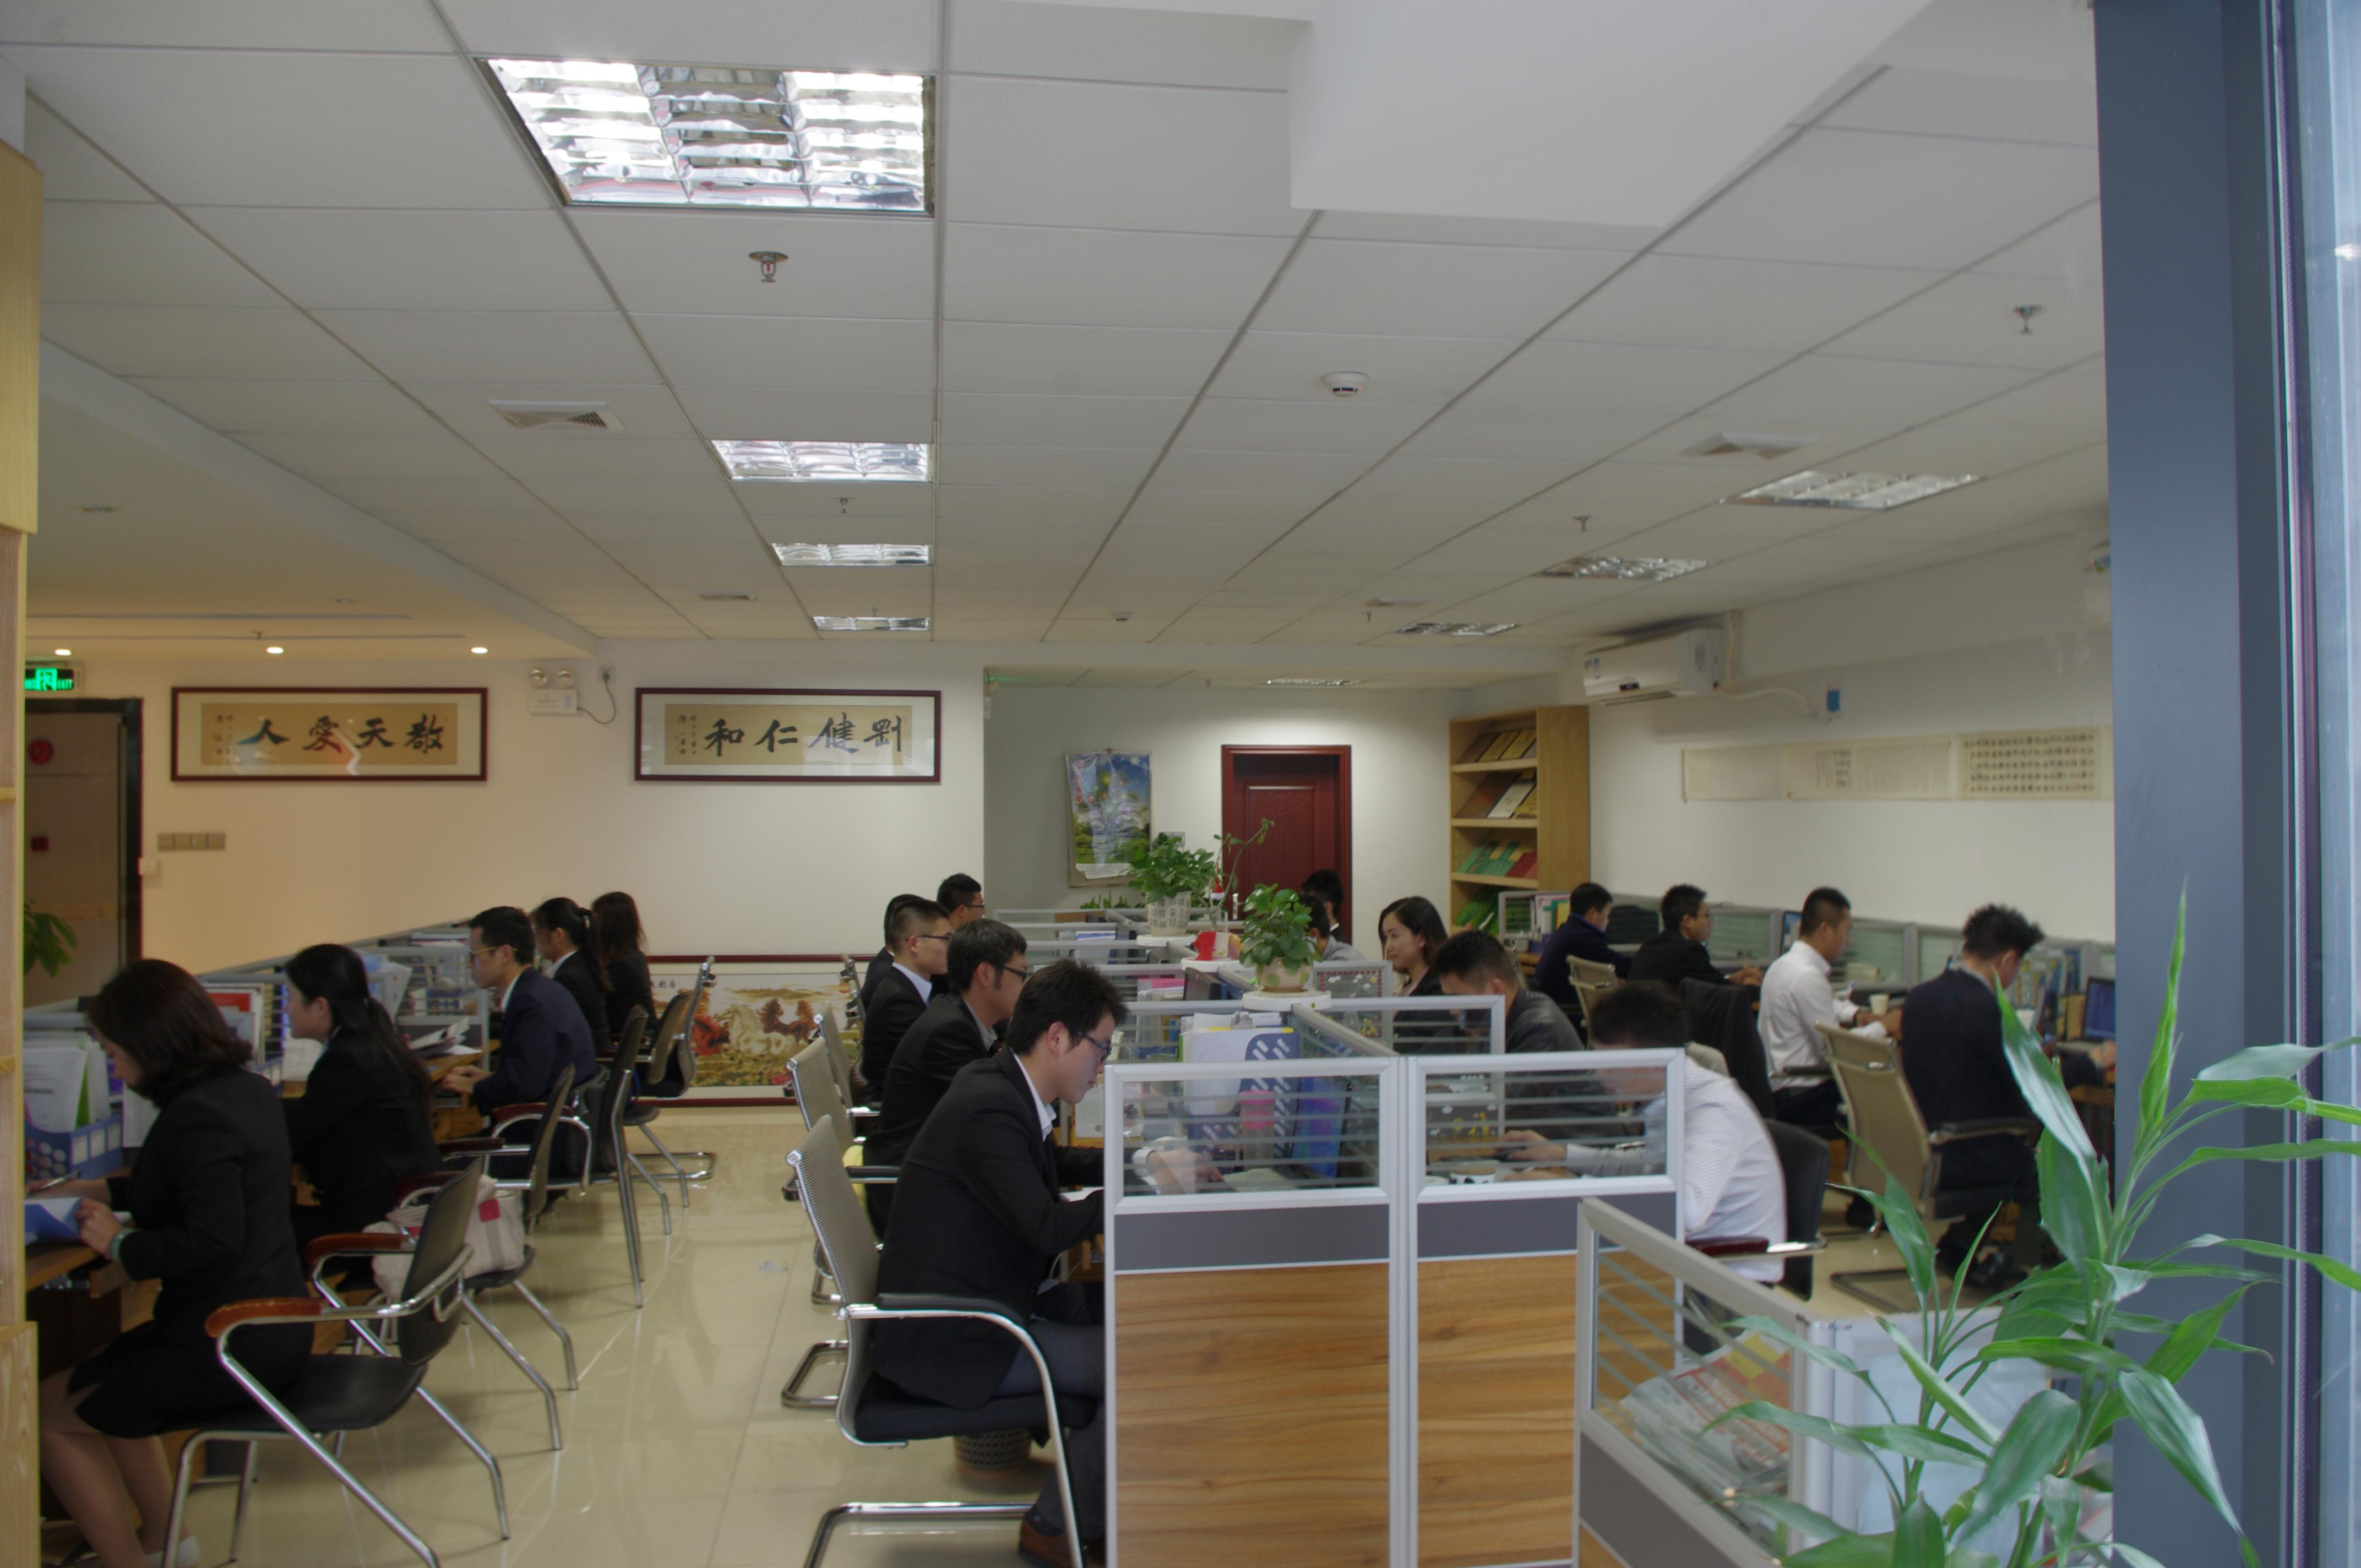 竞博电竞竞猜生产商-广州竞博体育官网下载DISEN组织机构